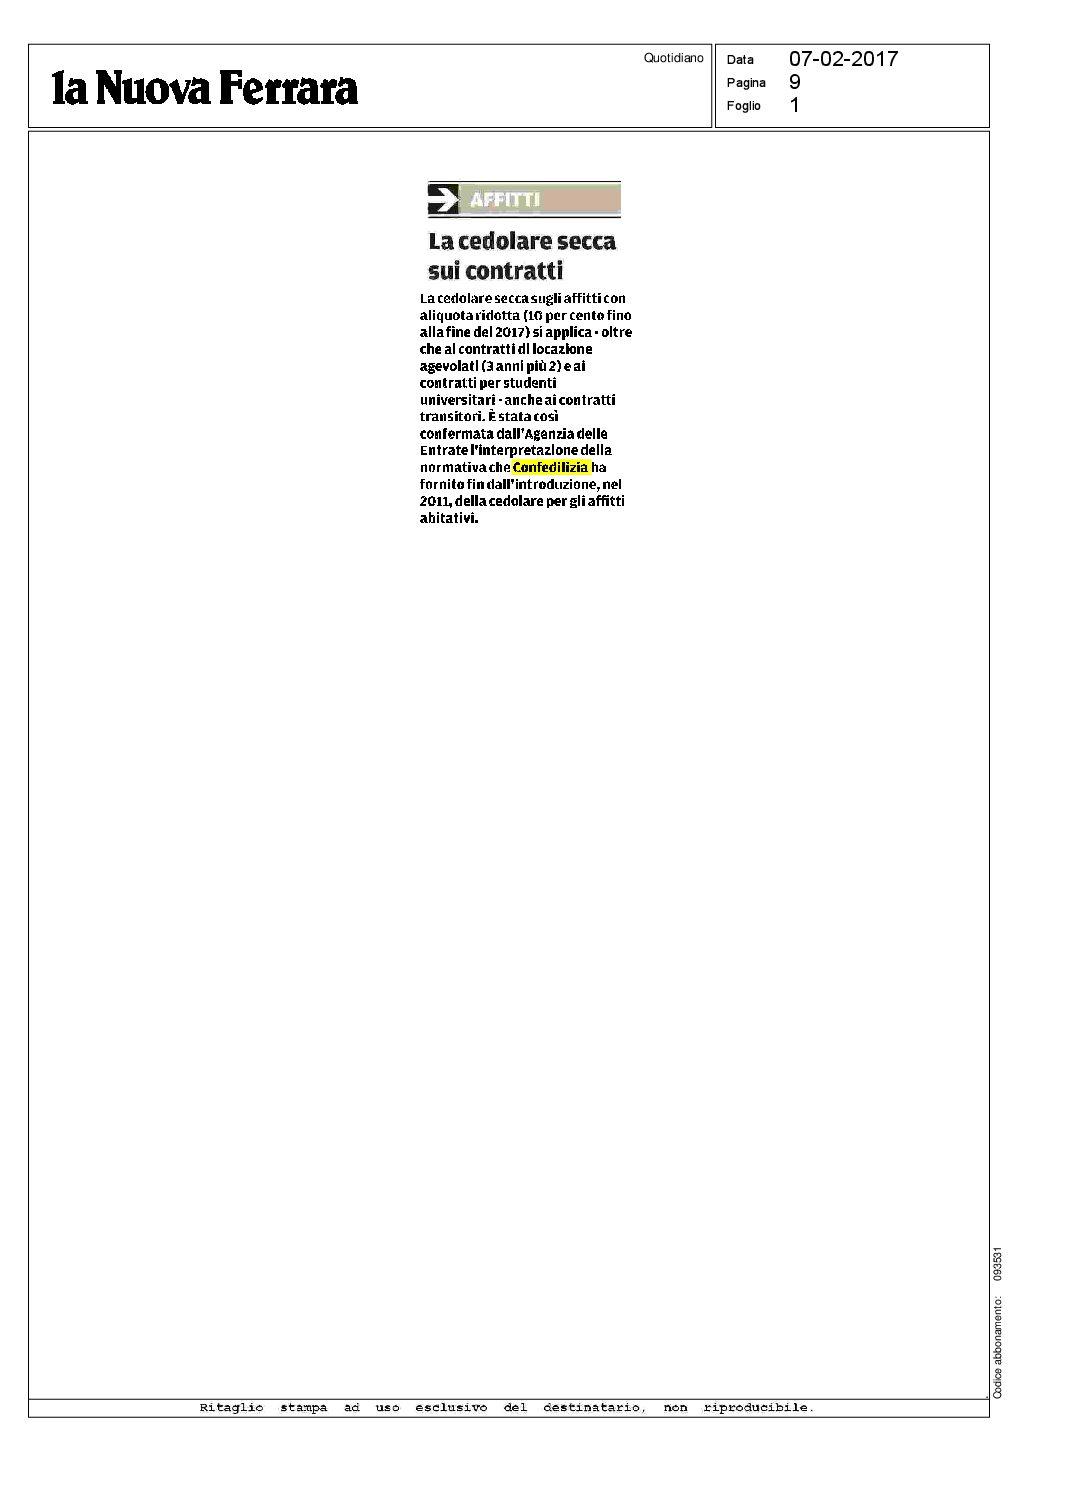 La nuova ferrara 7 la cedolare secca sui for Acconto cedolare secca 2017